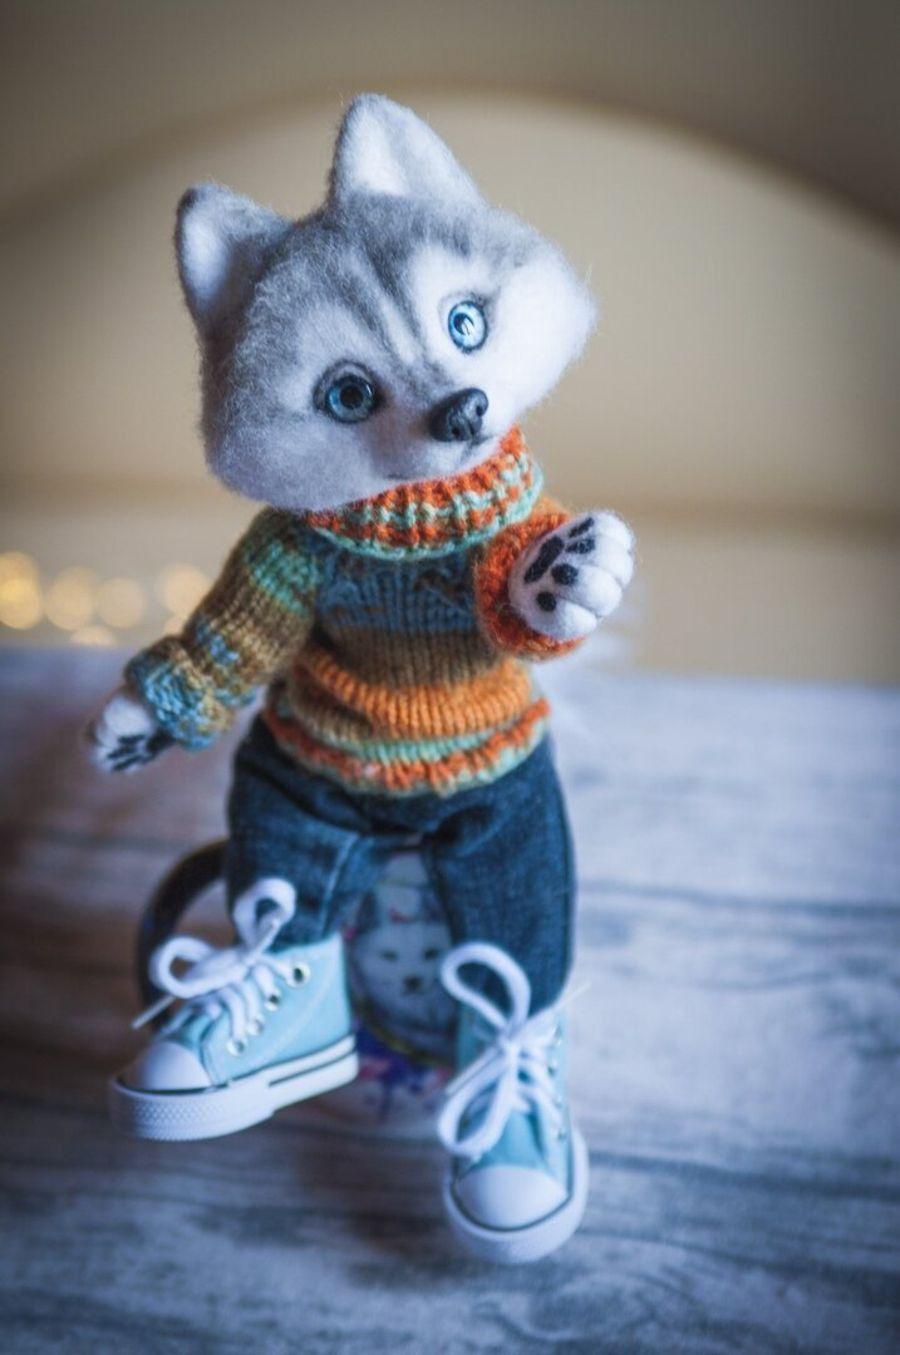 Кукла как кукла, только вместо лица - собачья морда. Немного странные, но милые игрушки моего авторства